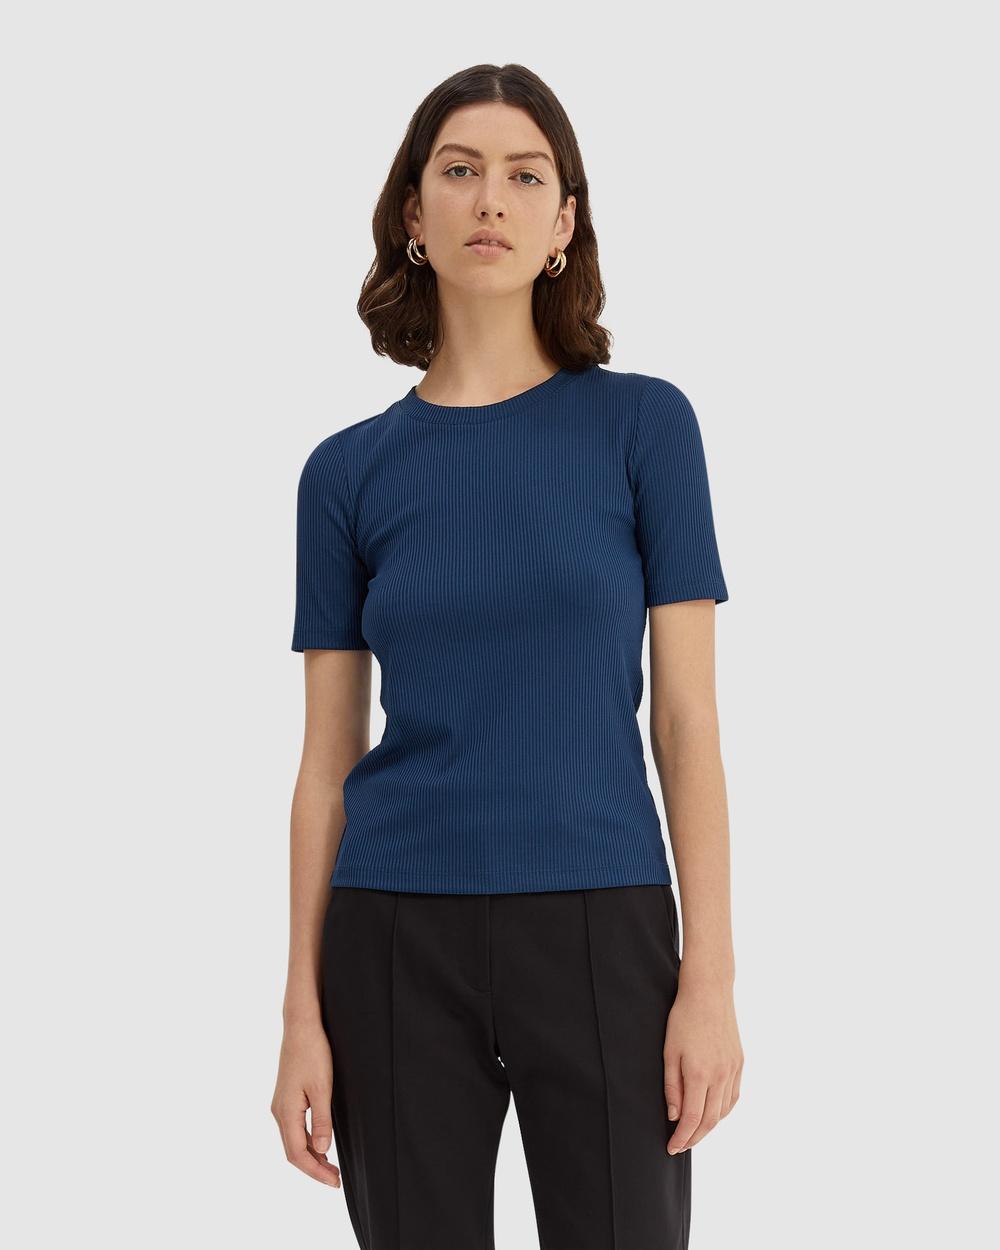 SABA - Vespa Rib Tee - T-Shirts & Singlets (blue) Vespa Rib Tee